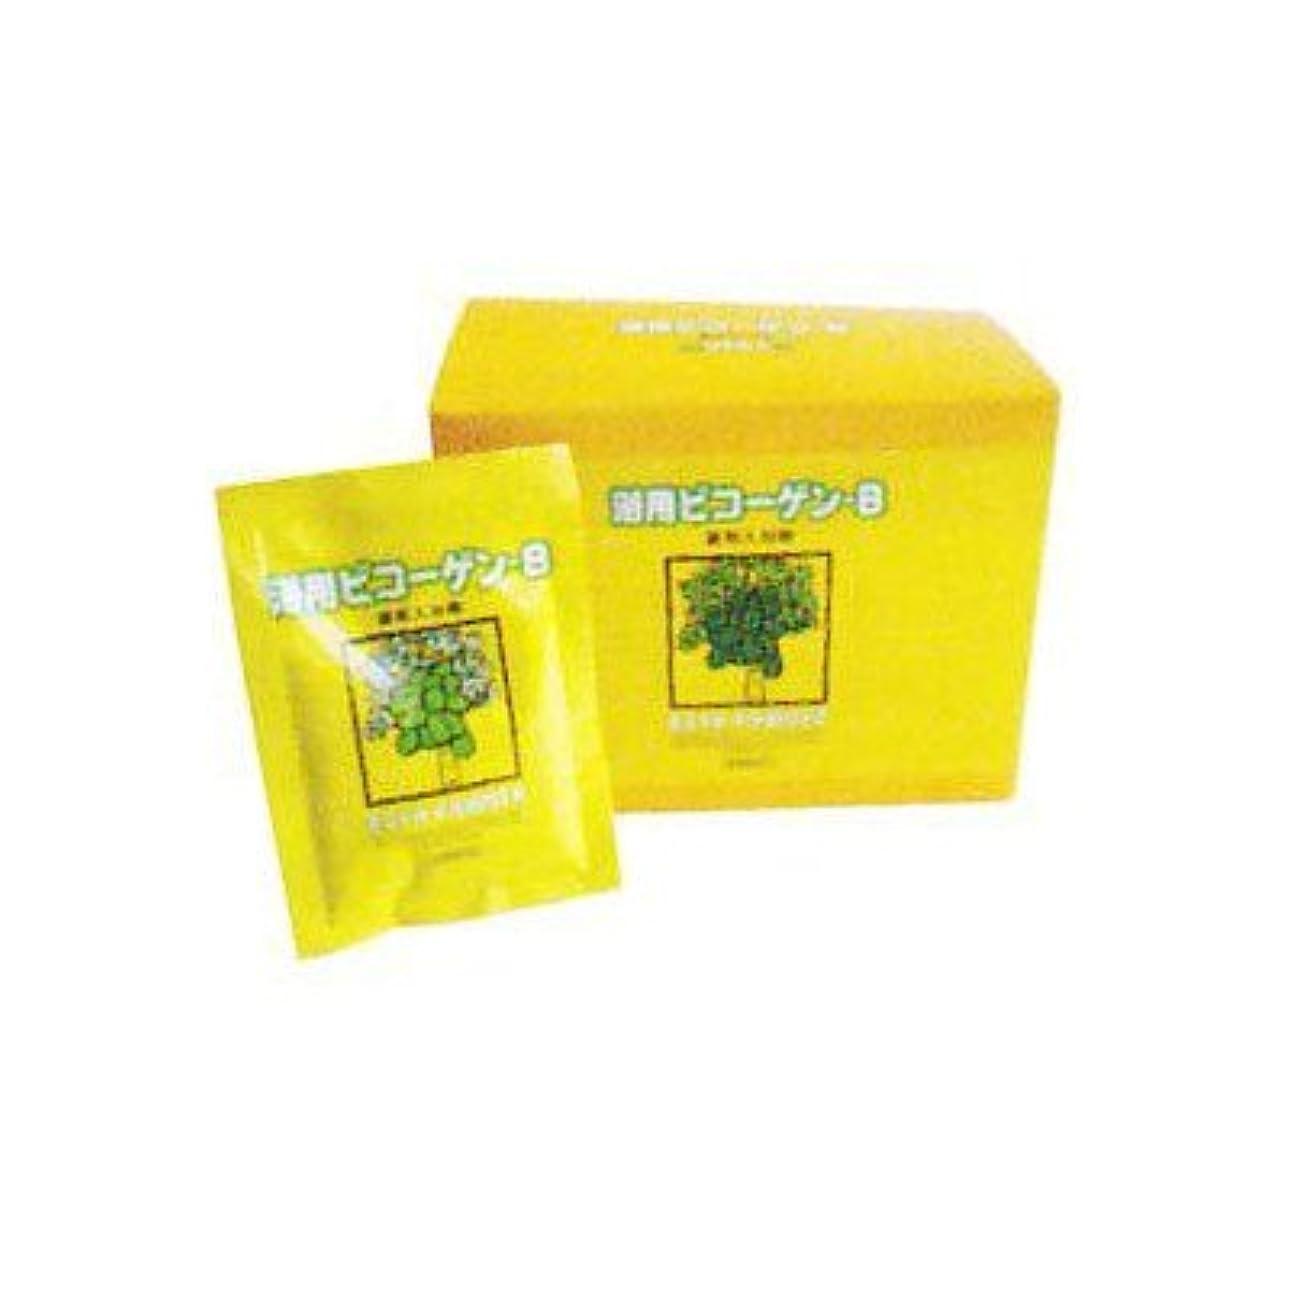 悪行現代甘味酸素入浴剤 リアル 浴用 ビコーゲン B 分包タイプ a221074